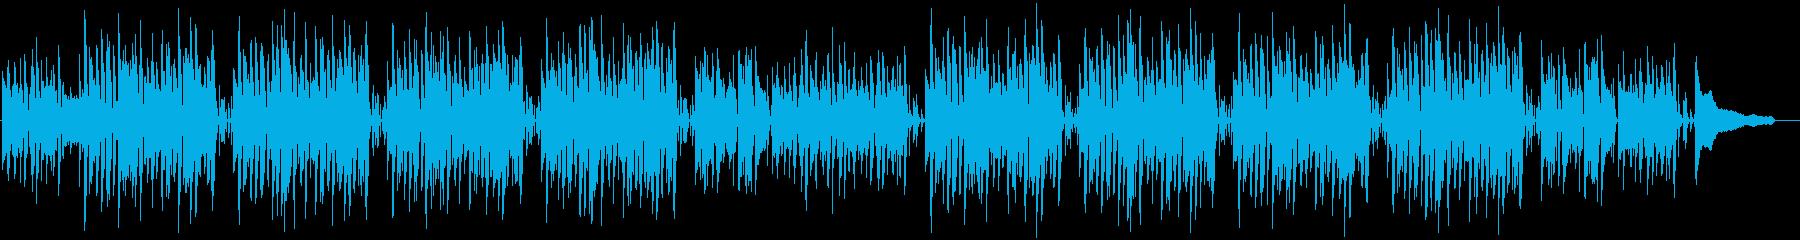 おしゃれなジャズテイストの楽しいボサノバの再生済みの波形